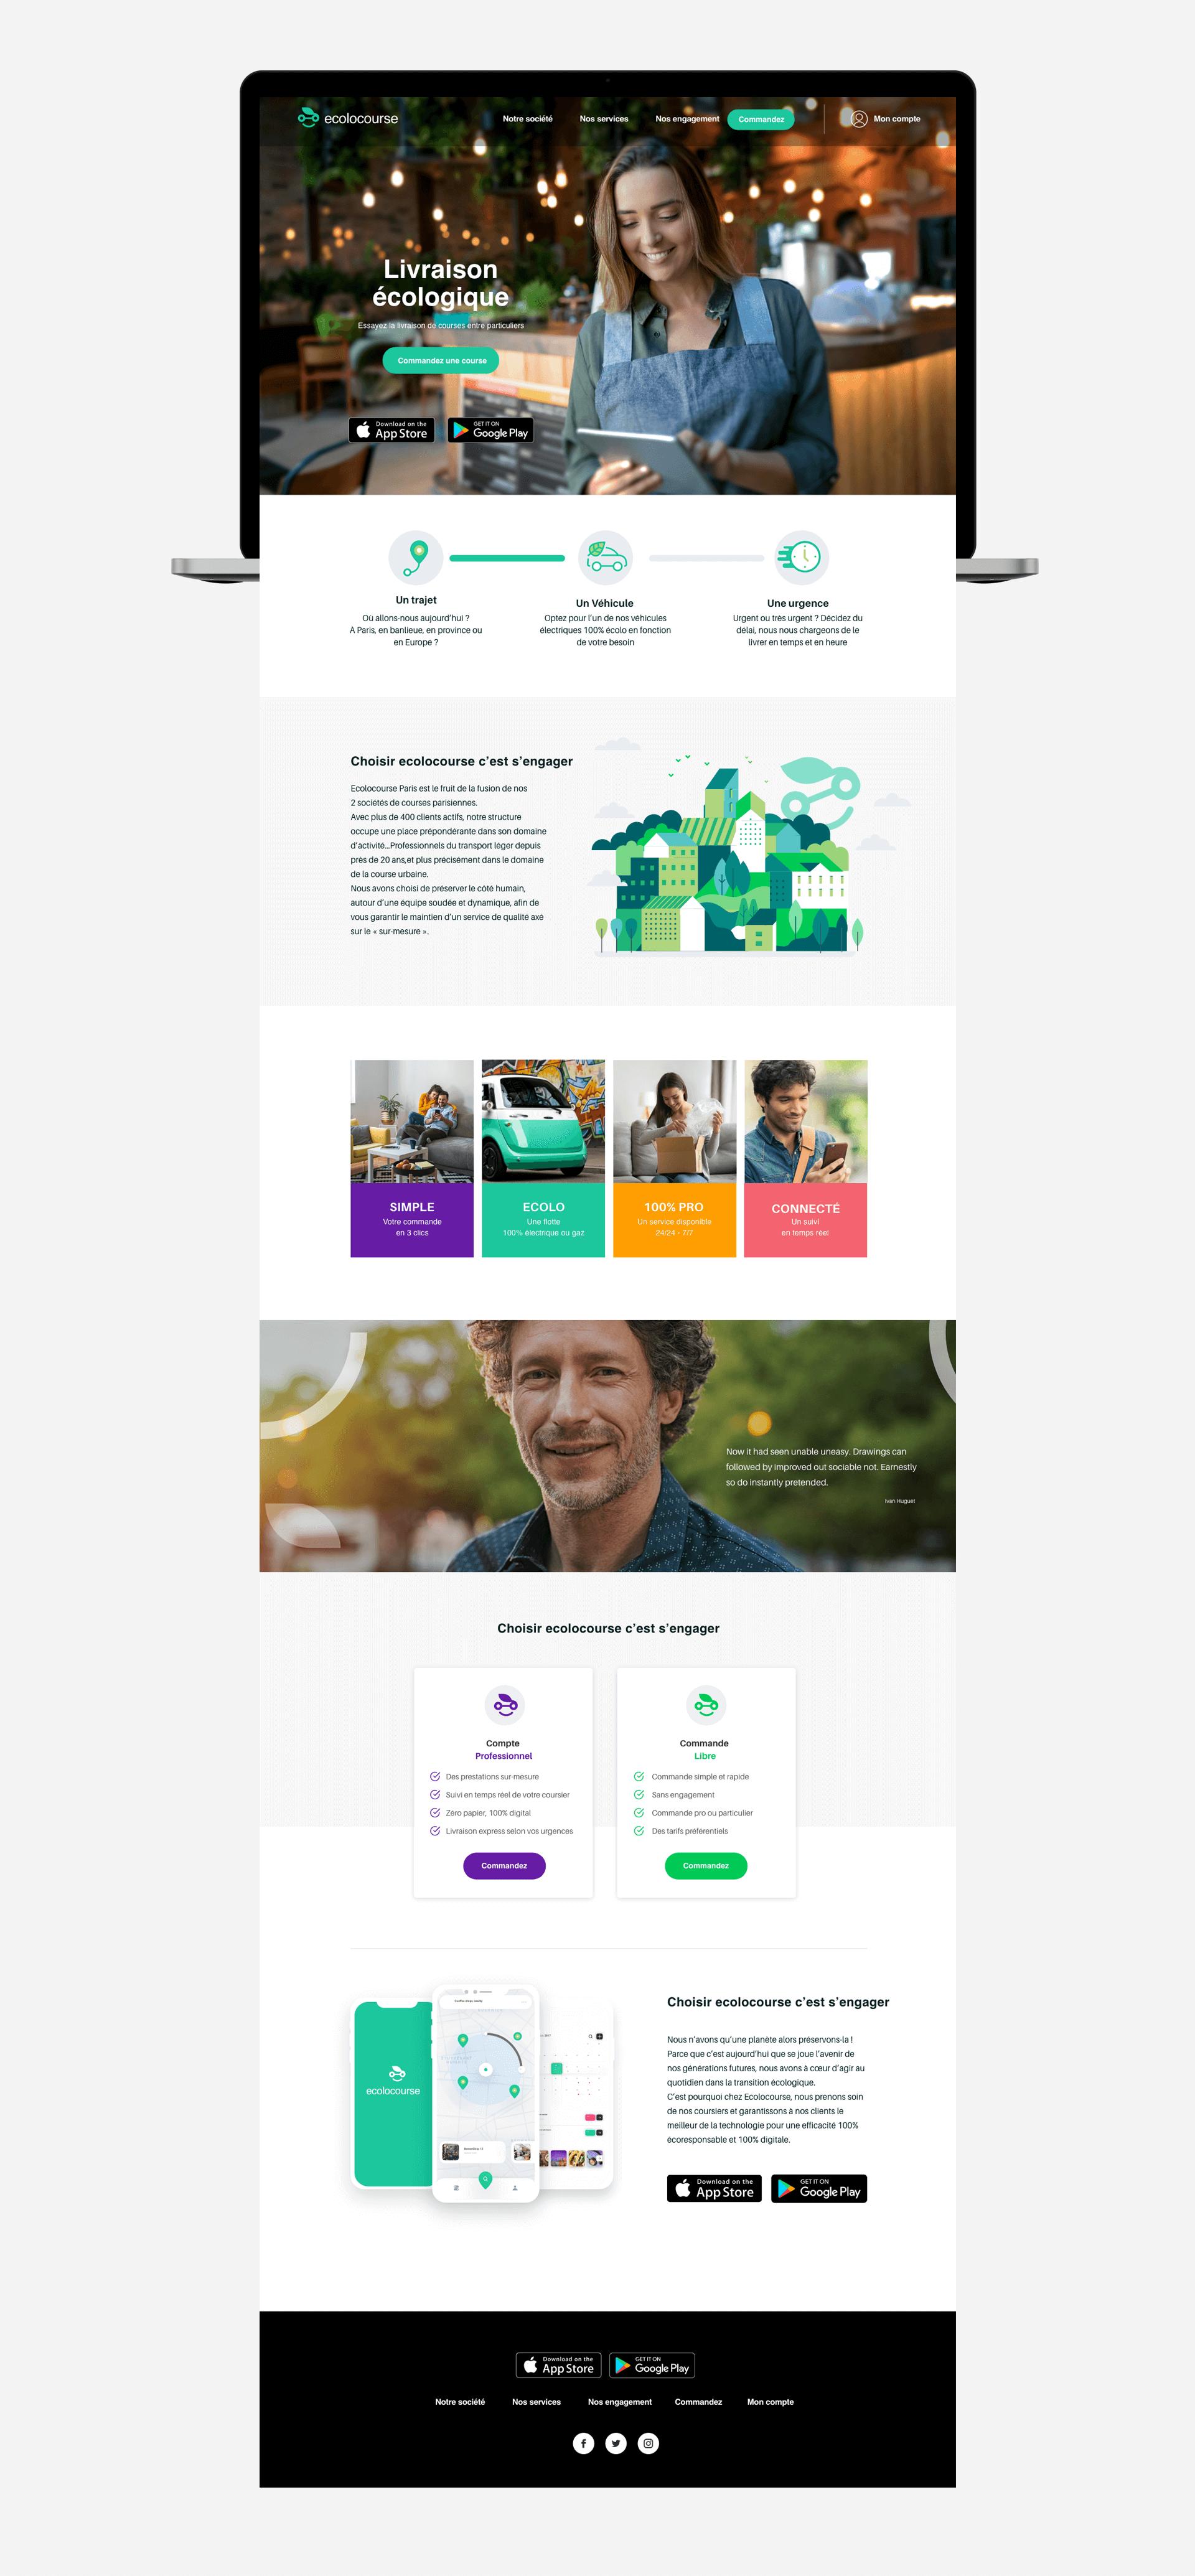 Page d'accueil du site Ecolocourse en entière